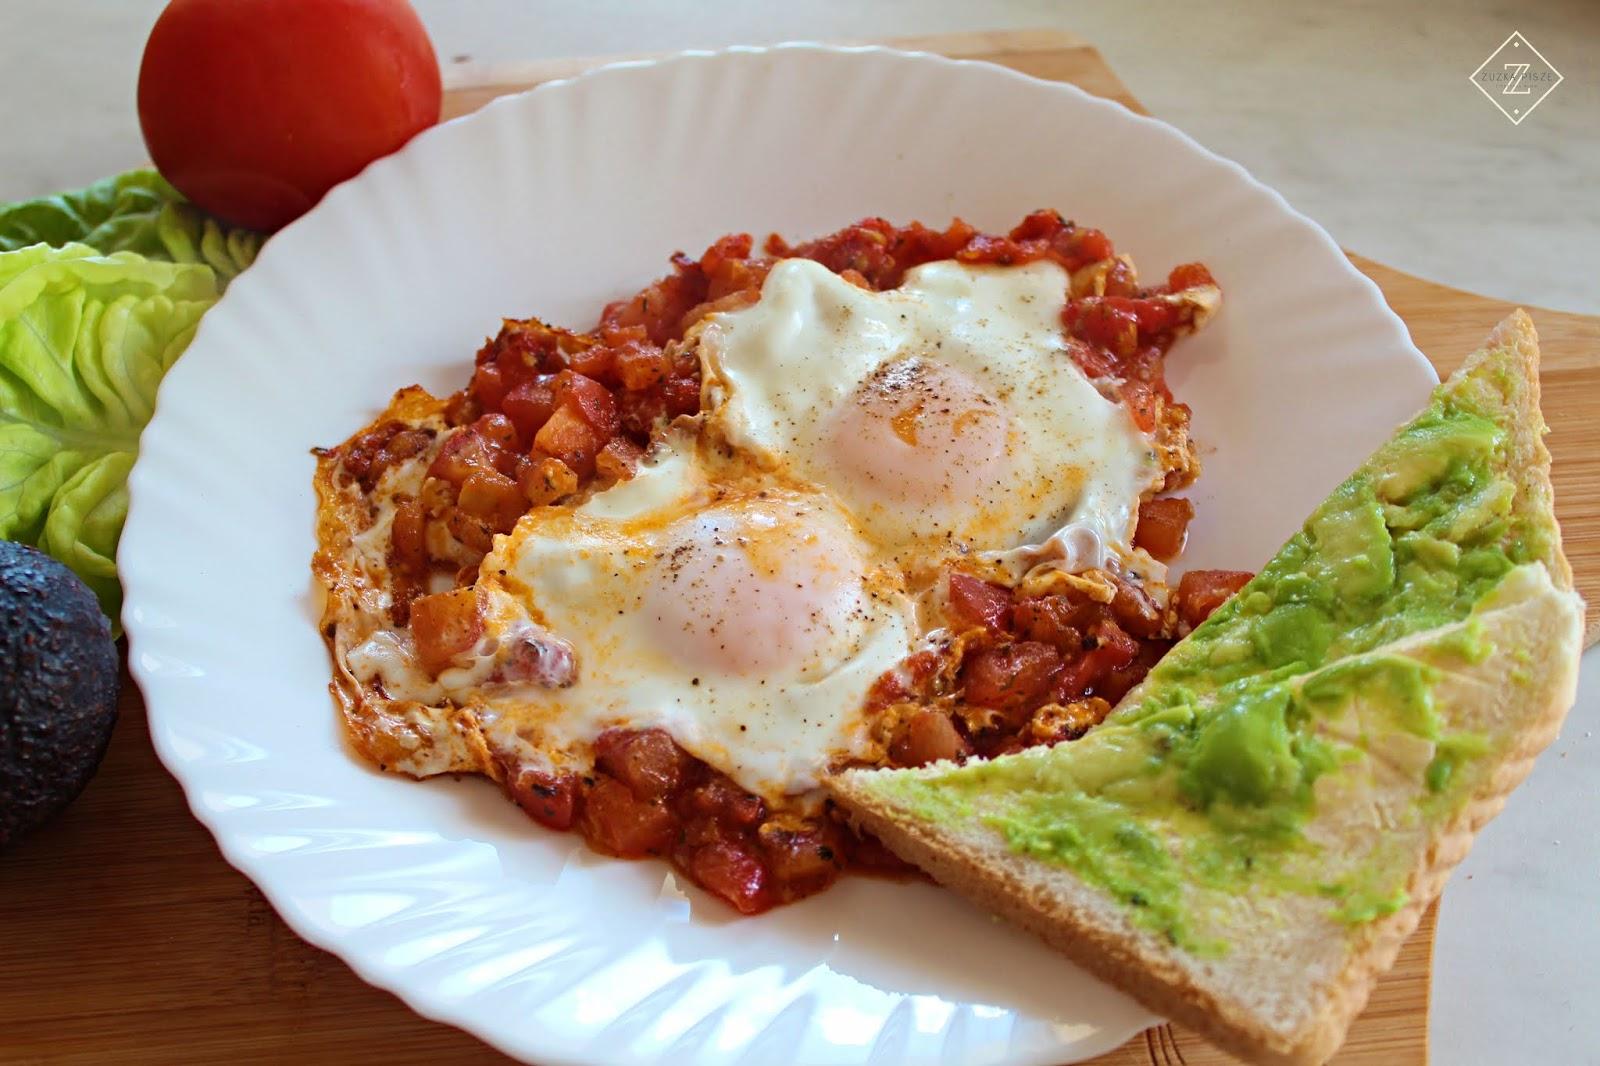 Szakszuka - pyszne i zdrowe śniadanie - przepis